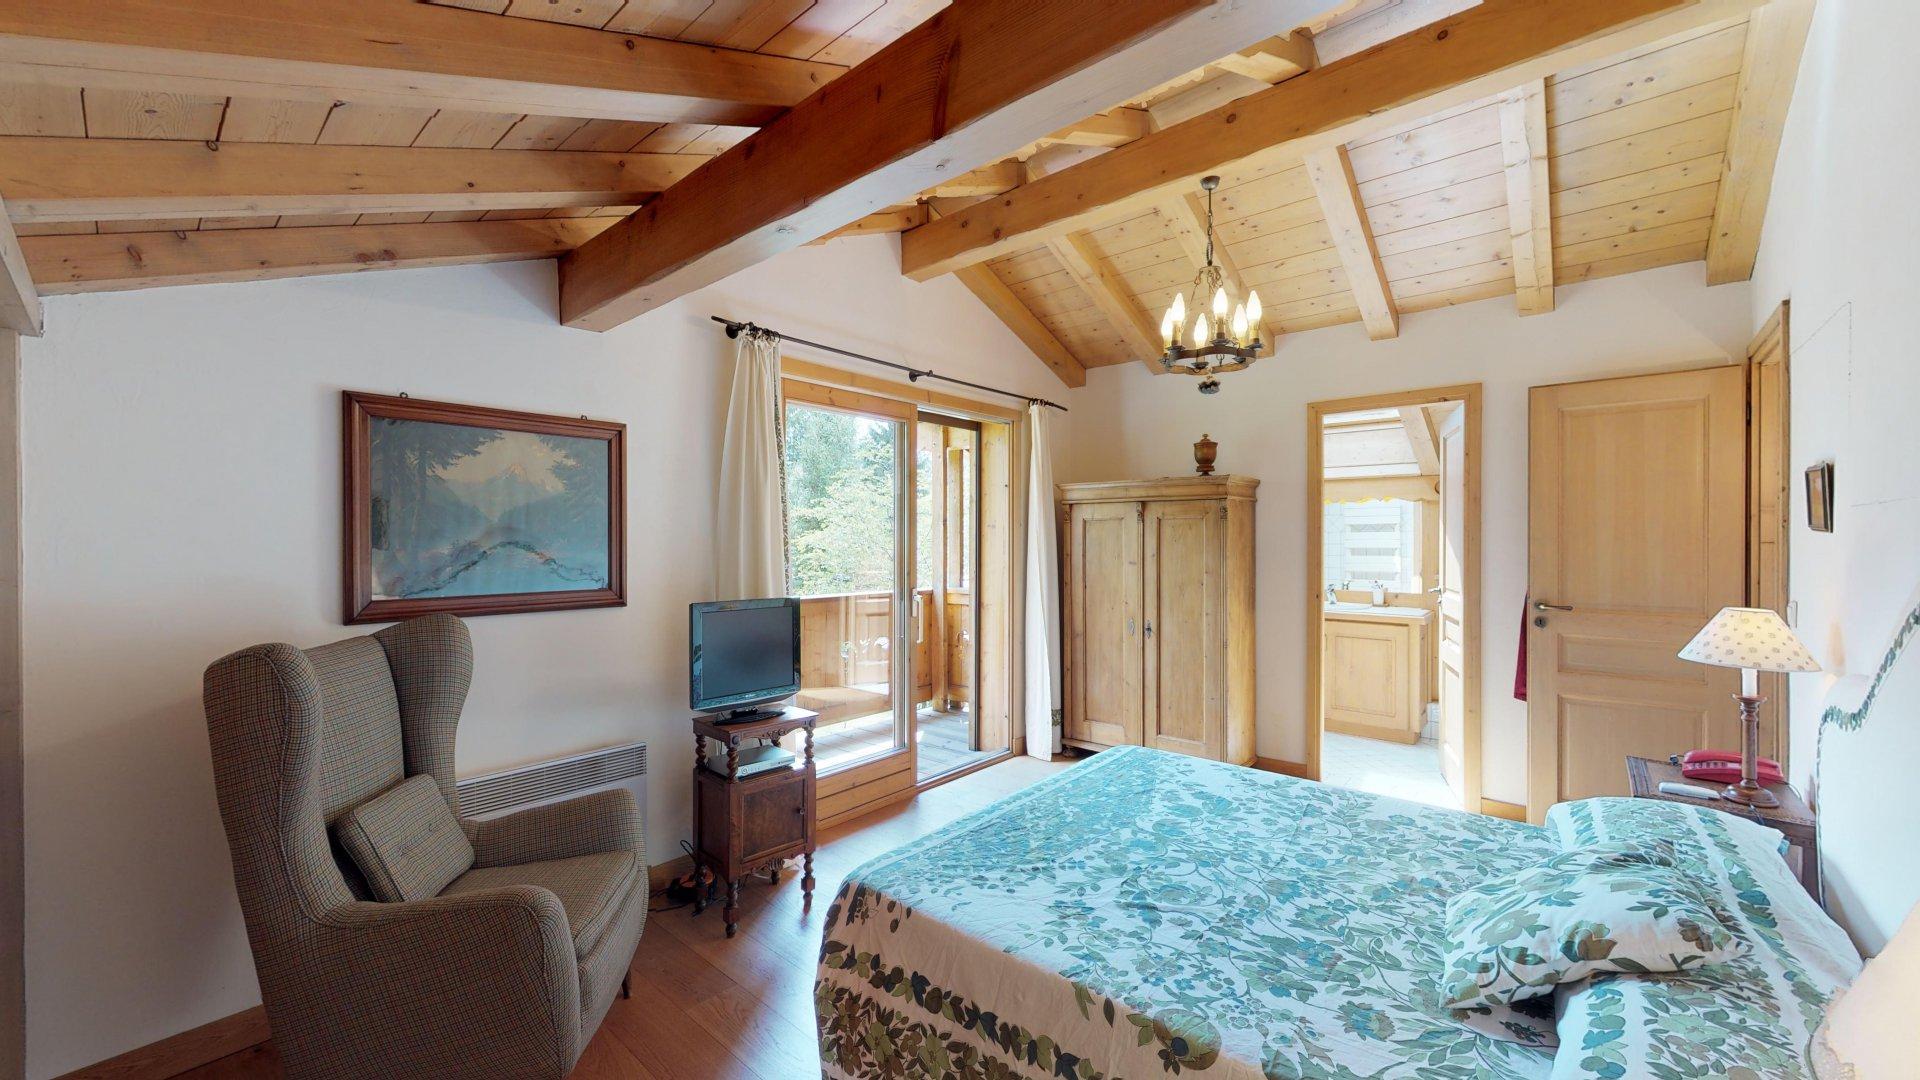 Bella e luminosa camera matrimoniale con bagno privato e balcone